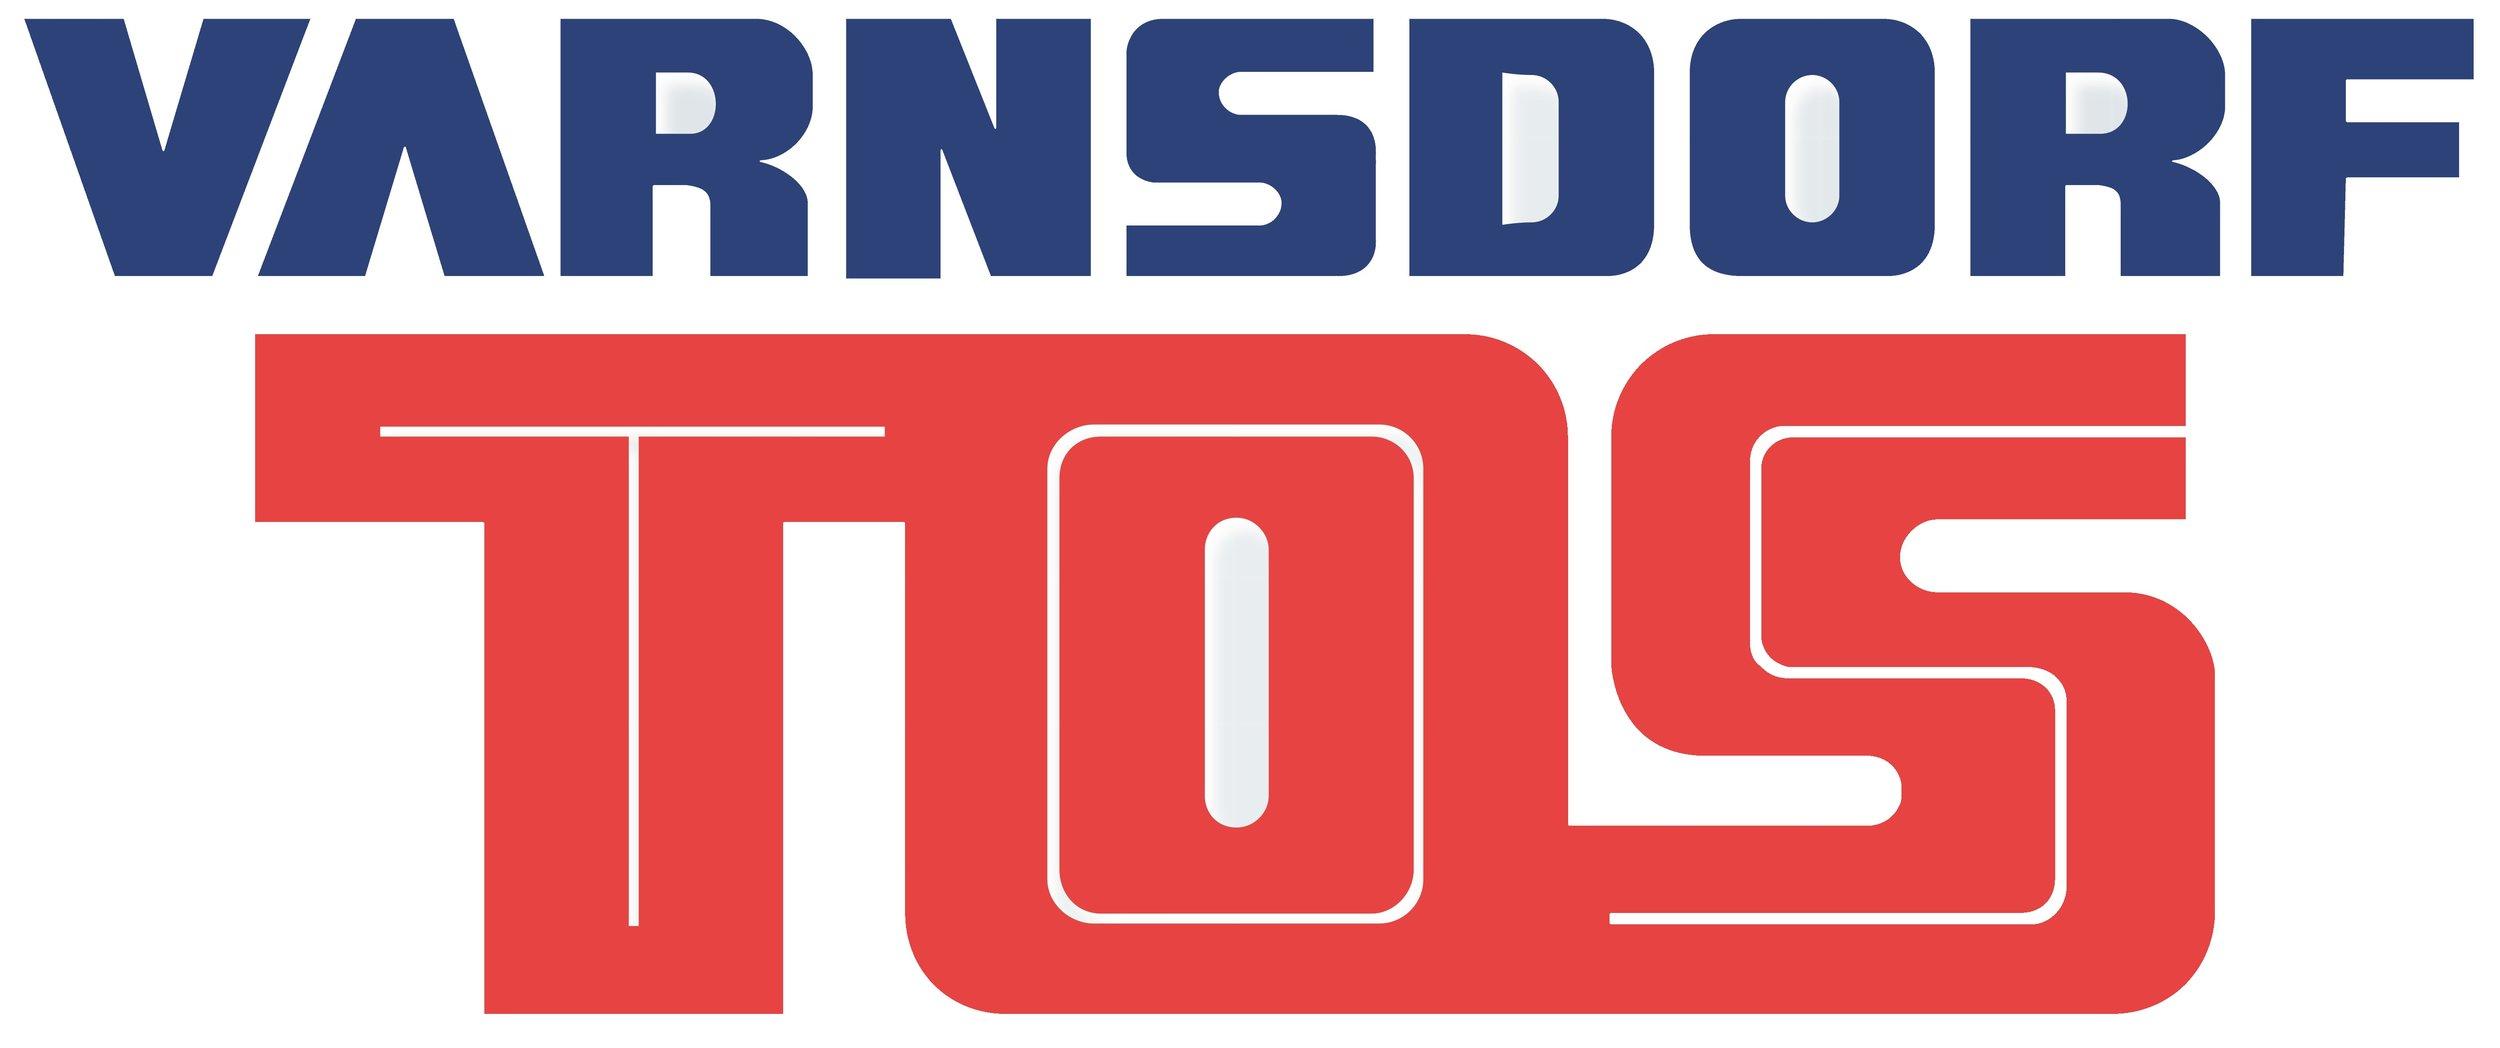 www.tostrade.com-瓦恩斯多夫TOS的所有视频和照片礼貌